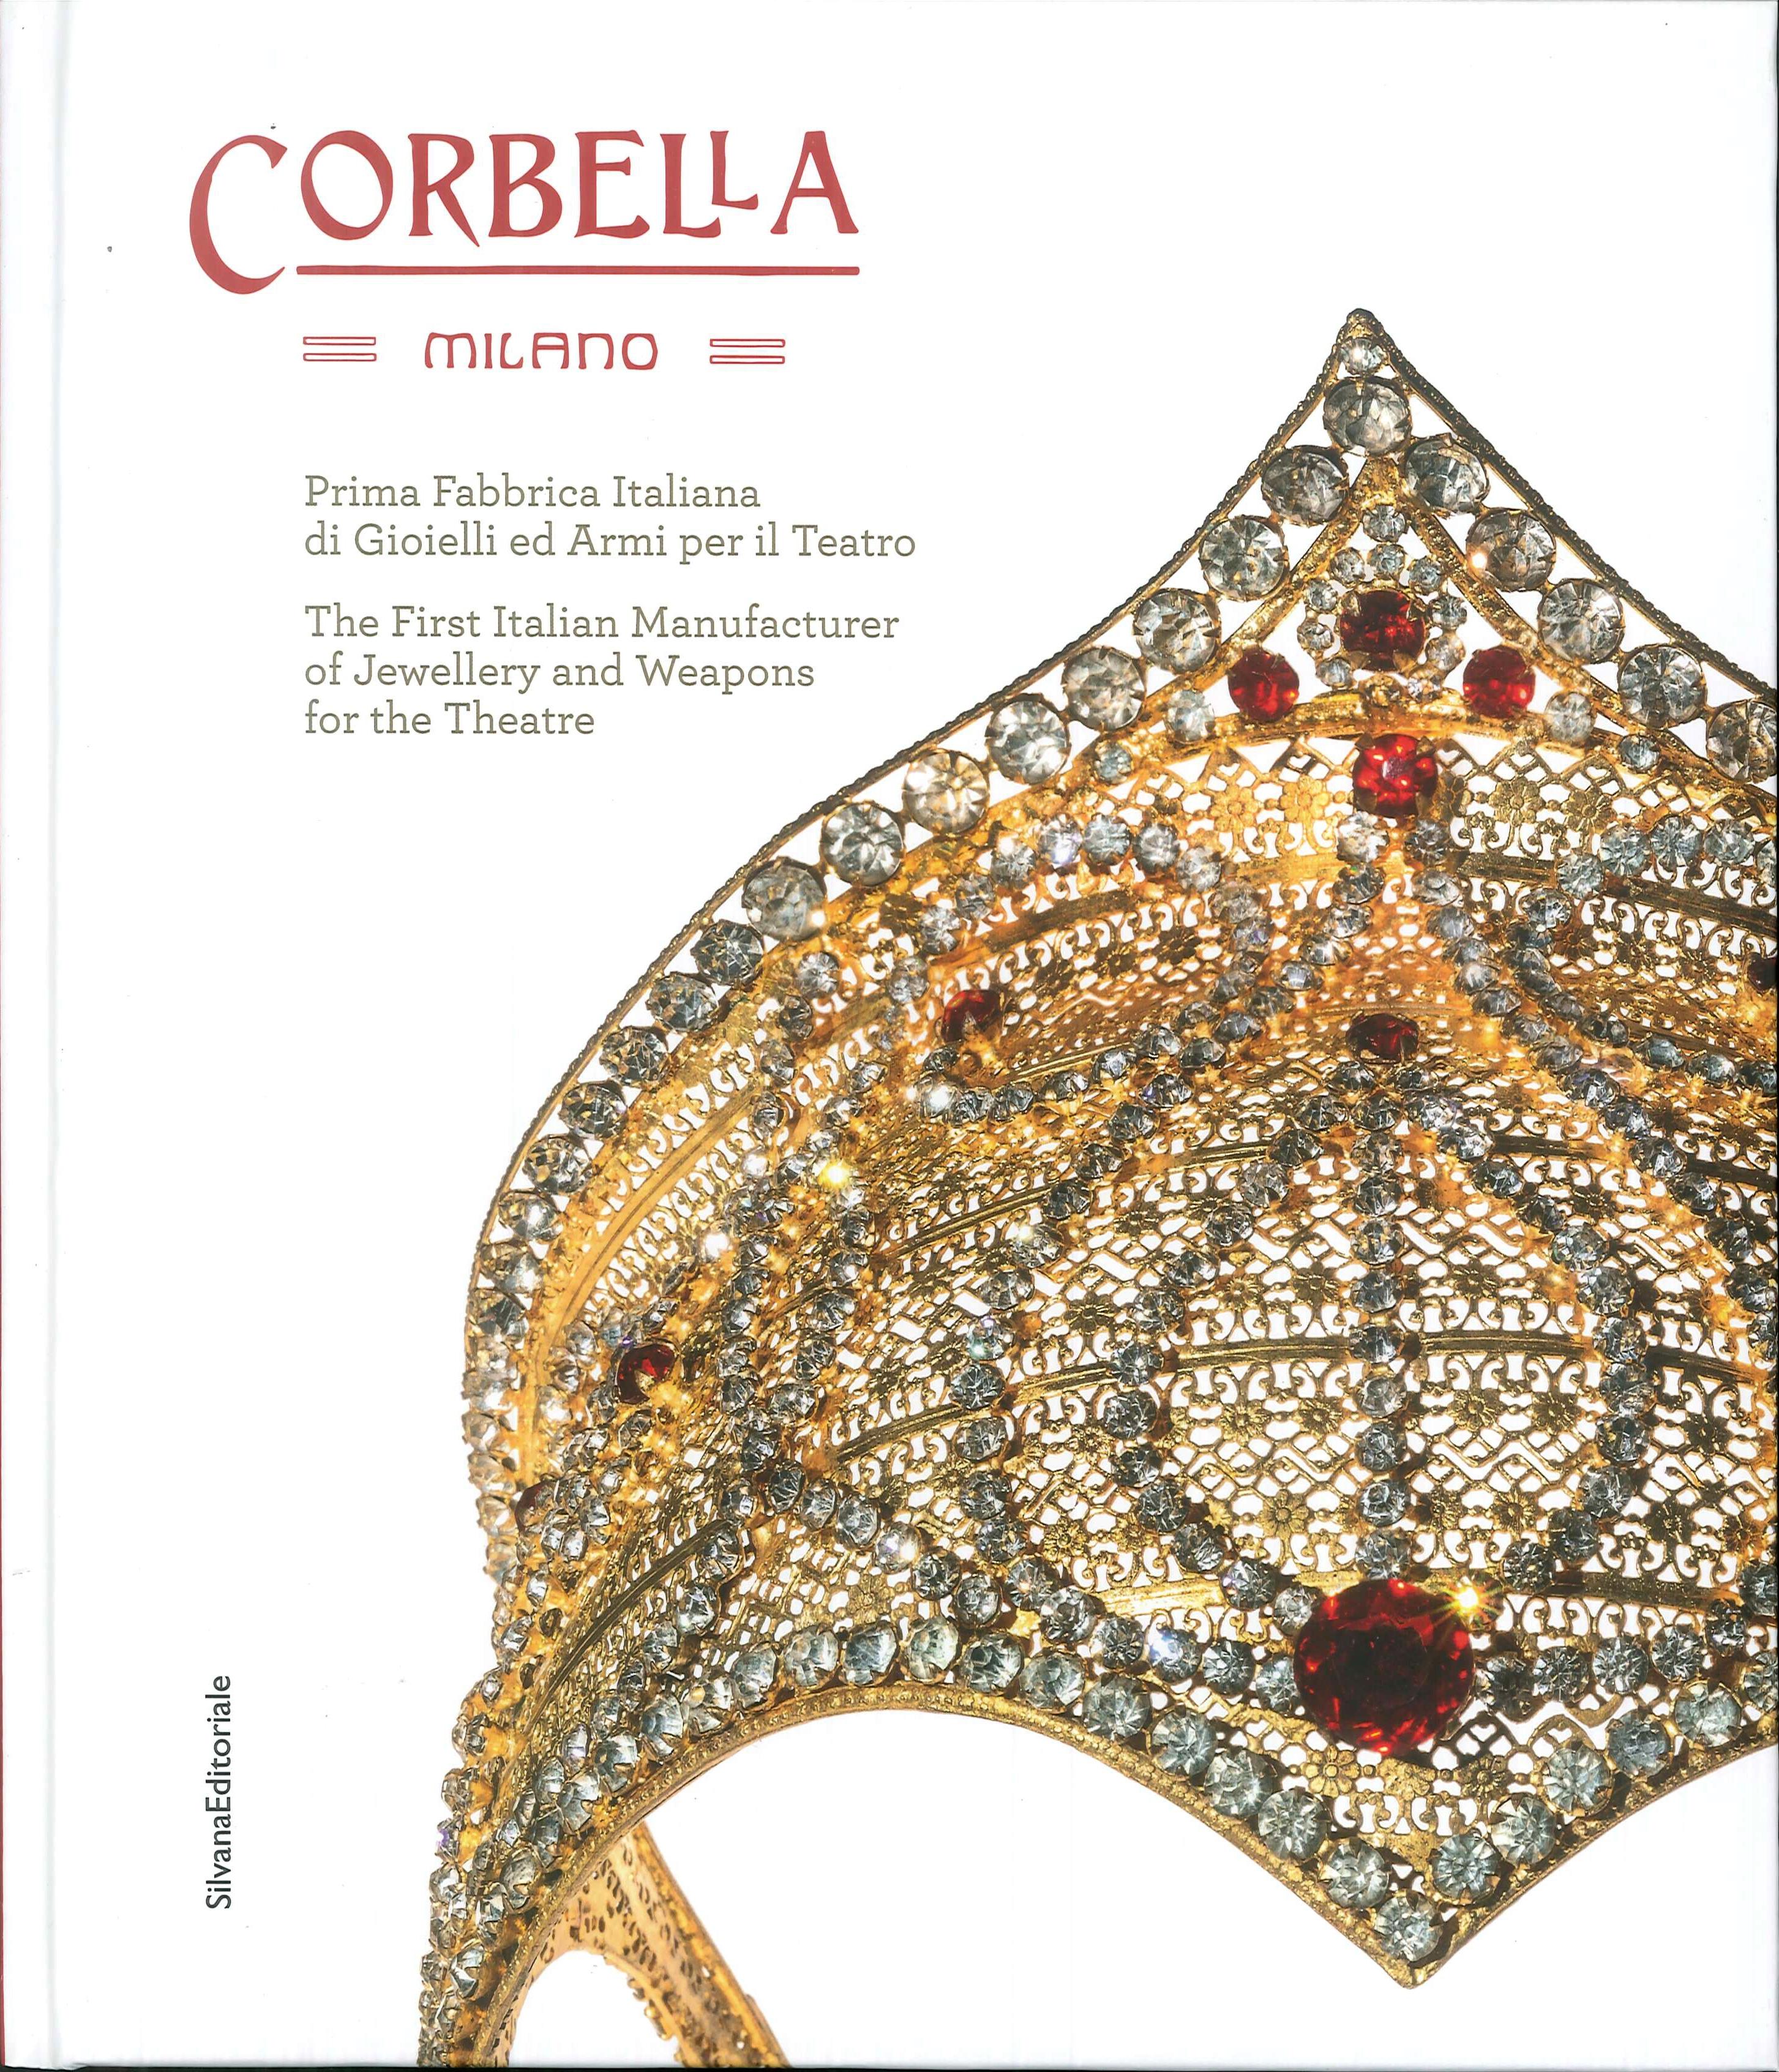 Corbella Milano. La prima fabbrica italiana di gioielli ed armi per il teatro. The First Italian Manufacturer of Jewellery and Weapons for the Theatre.